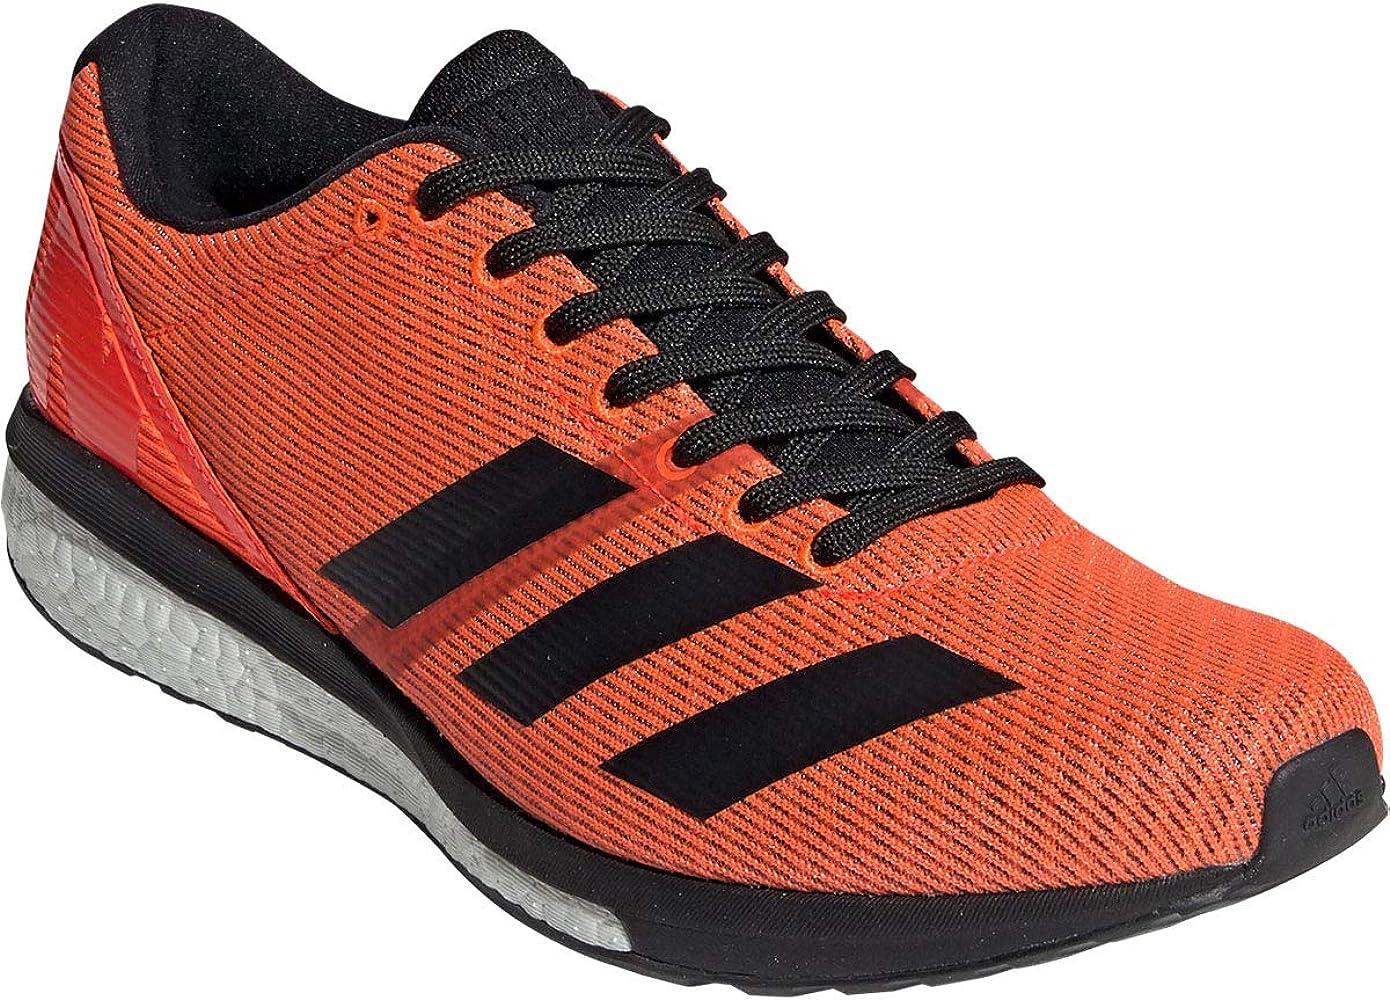 Zapatillas Running ADIDAS Adizero Boston 8 M